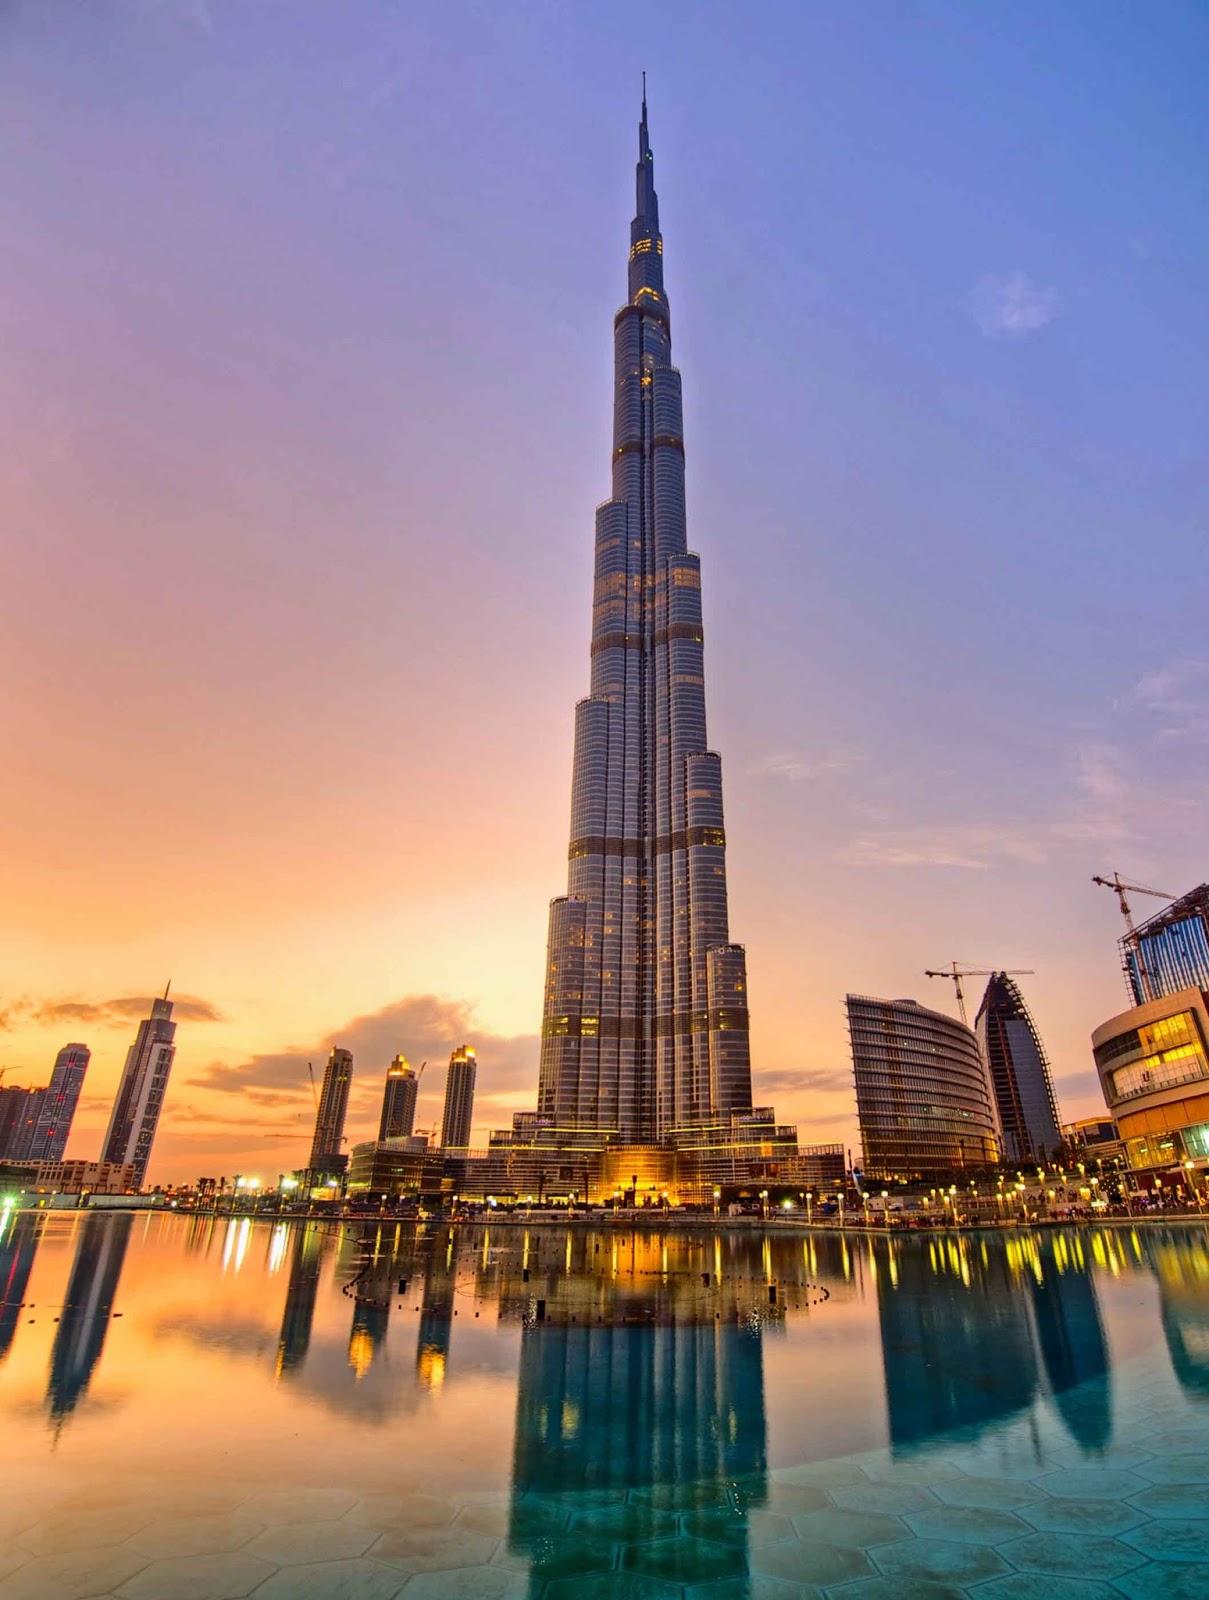 يبلغ ارتفاعه 828 متر، ويتكون من 163 طابقا، سيذهلك المنظر البانورامي لمدينة دبي من أعلى البرج، يقع برج خليفة وسط مدينة دبي على شارع الشيخ محمد بن راشد ...